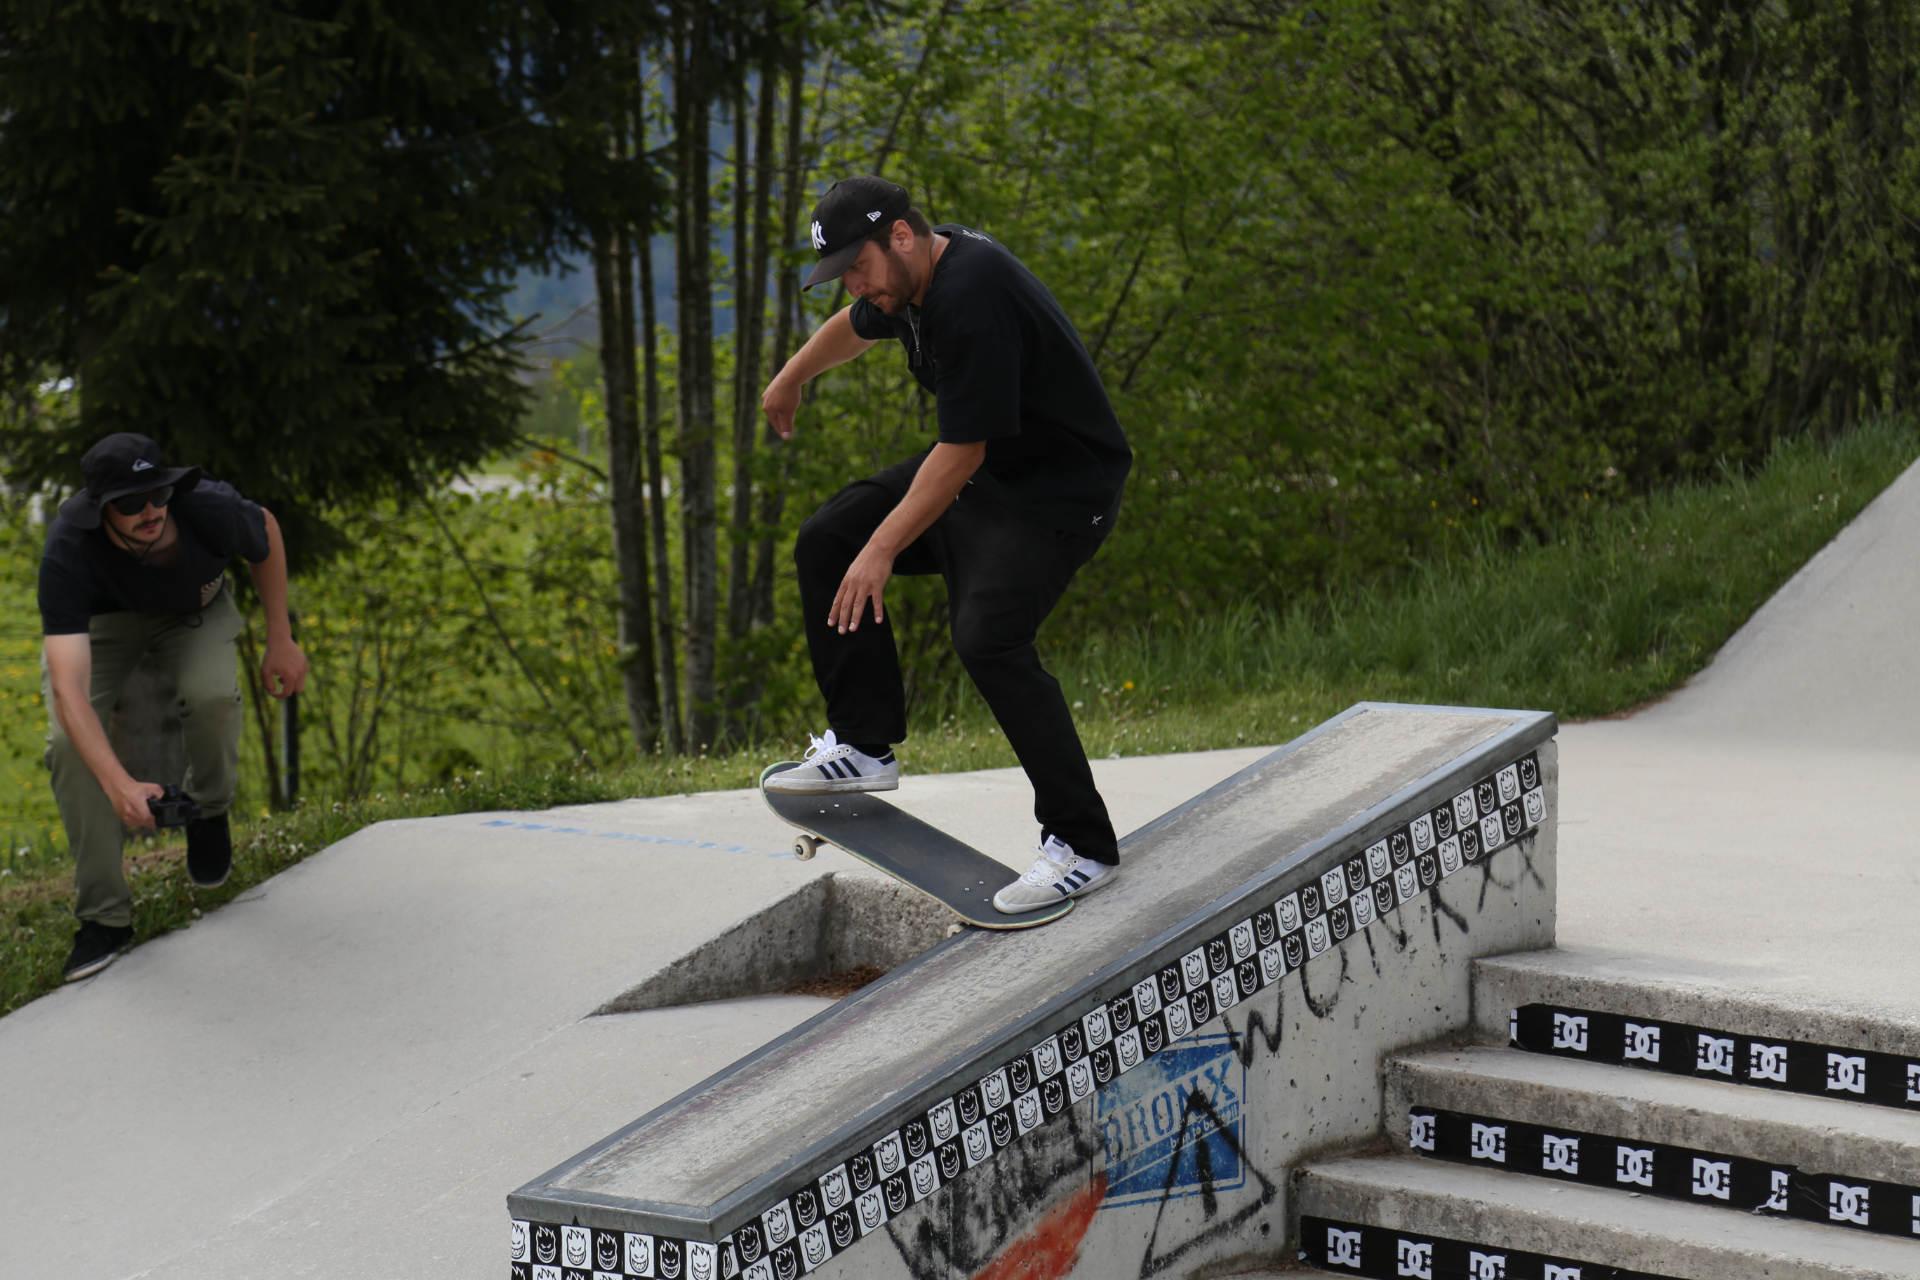 skateboard headz fieberbrunn kgt kitz gau trophy 2019 saalfelden hell00104